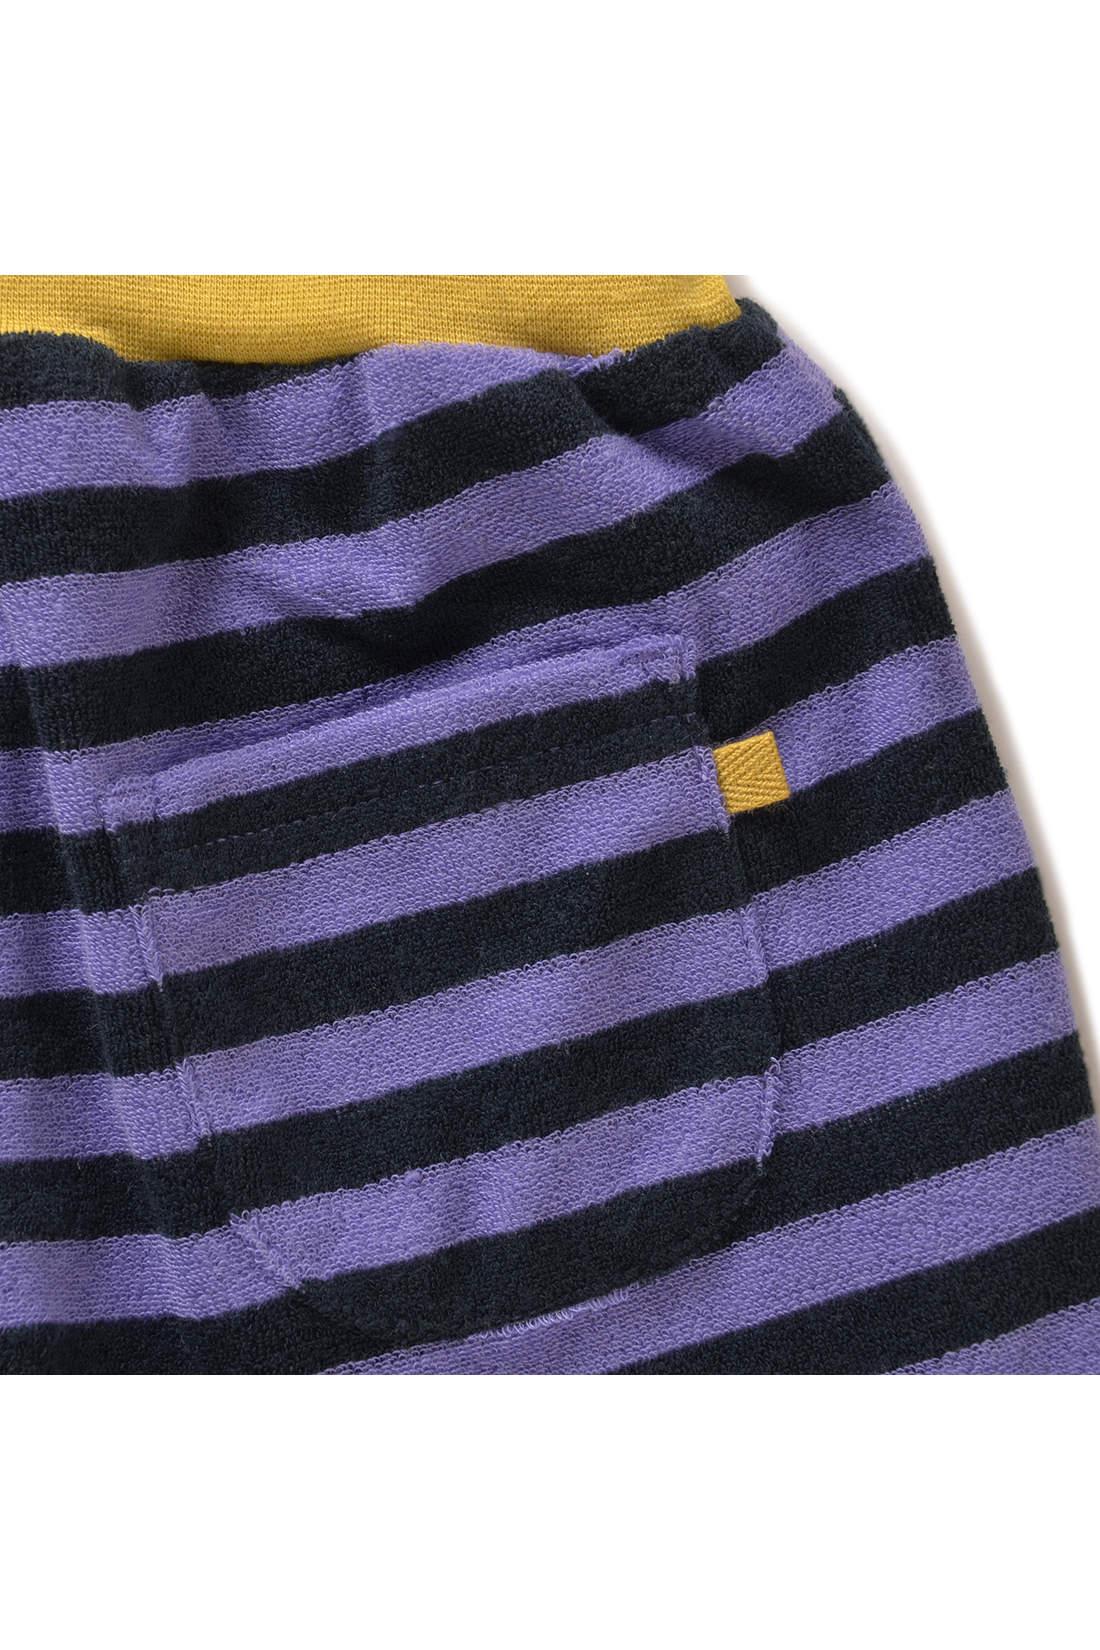 おしりのポケットにはワンポイントのピスネーム付き。